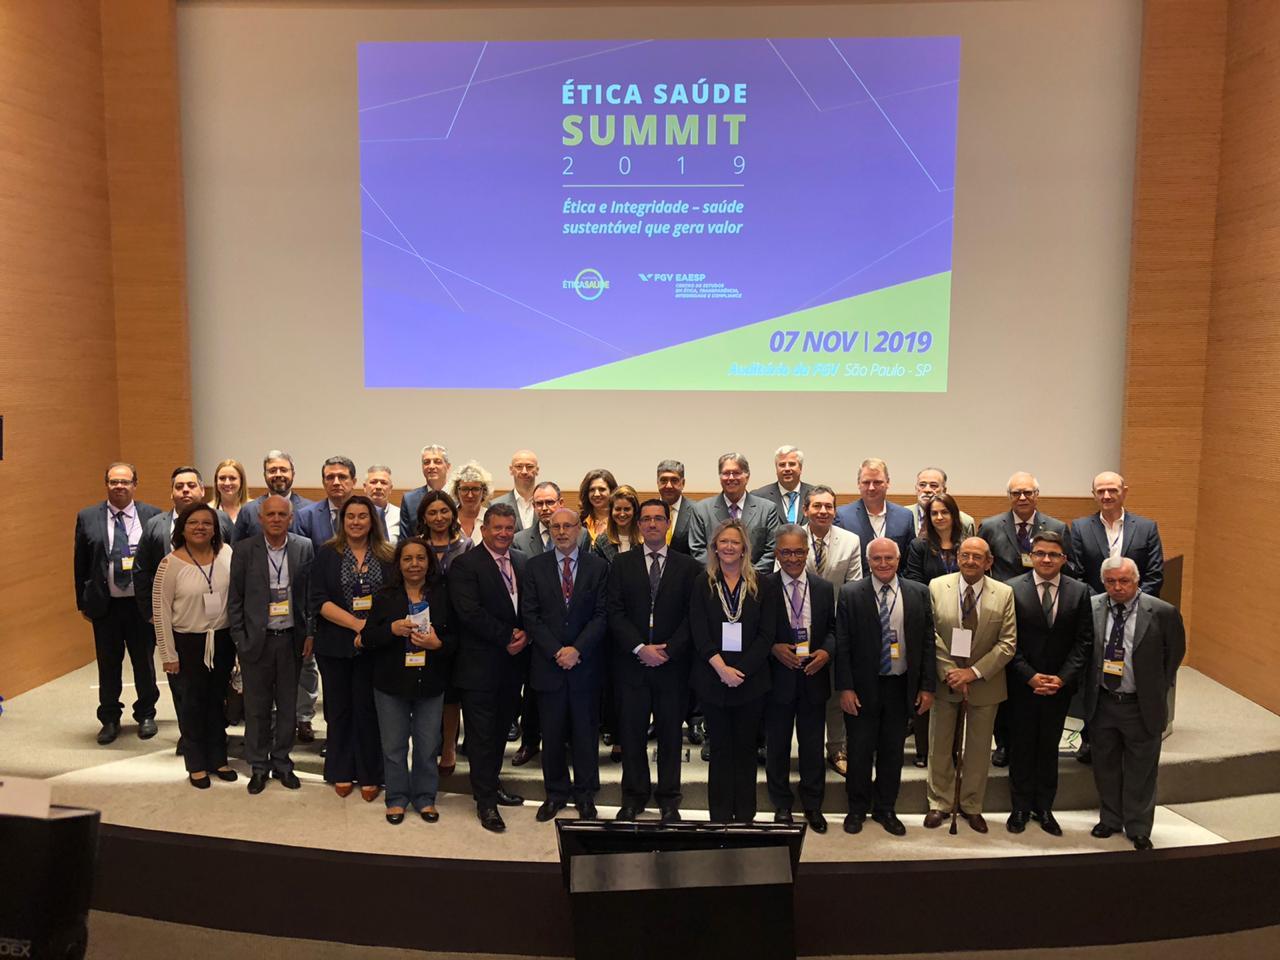 Em summit sobre ética, Abramed defende educação médica e papel das associações no fomento a políticas de integridade